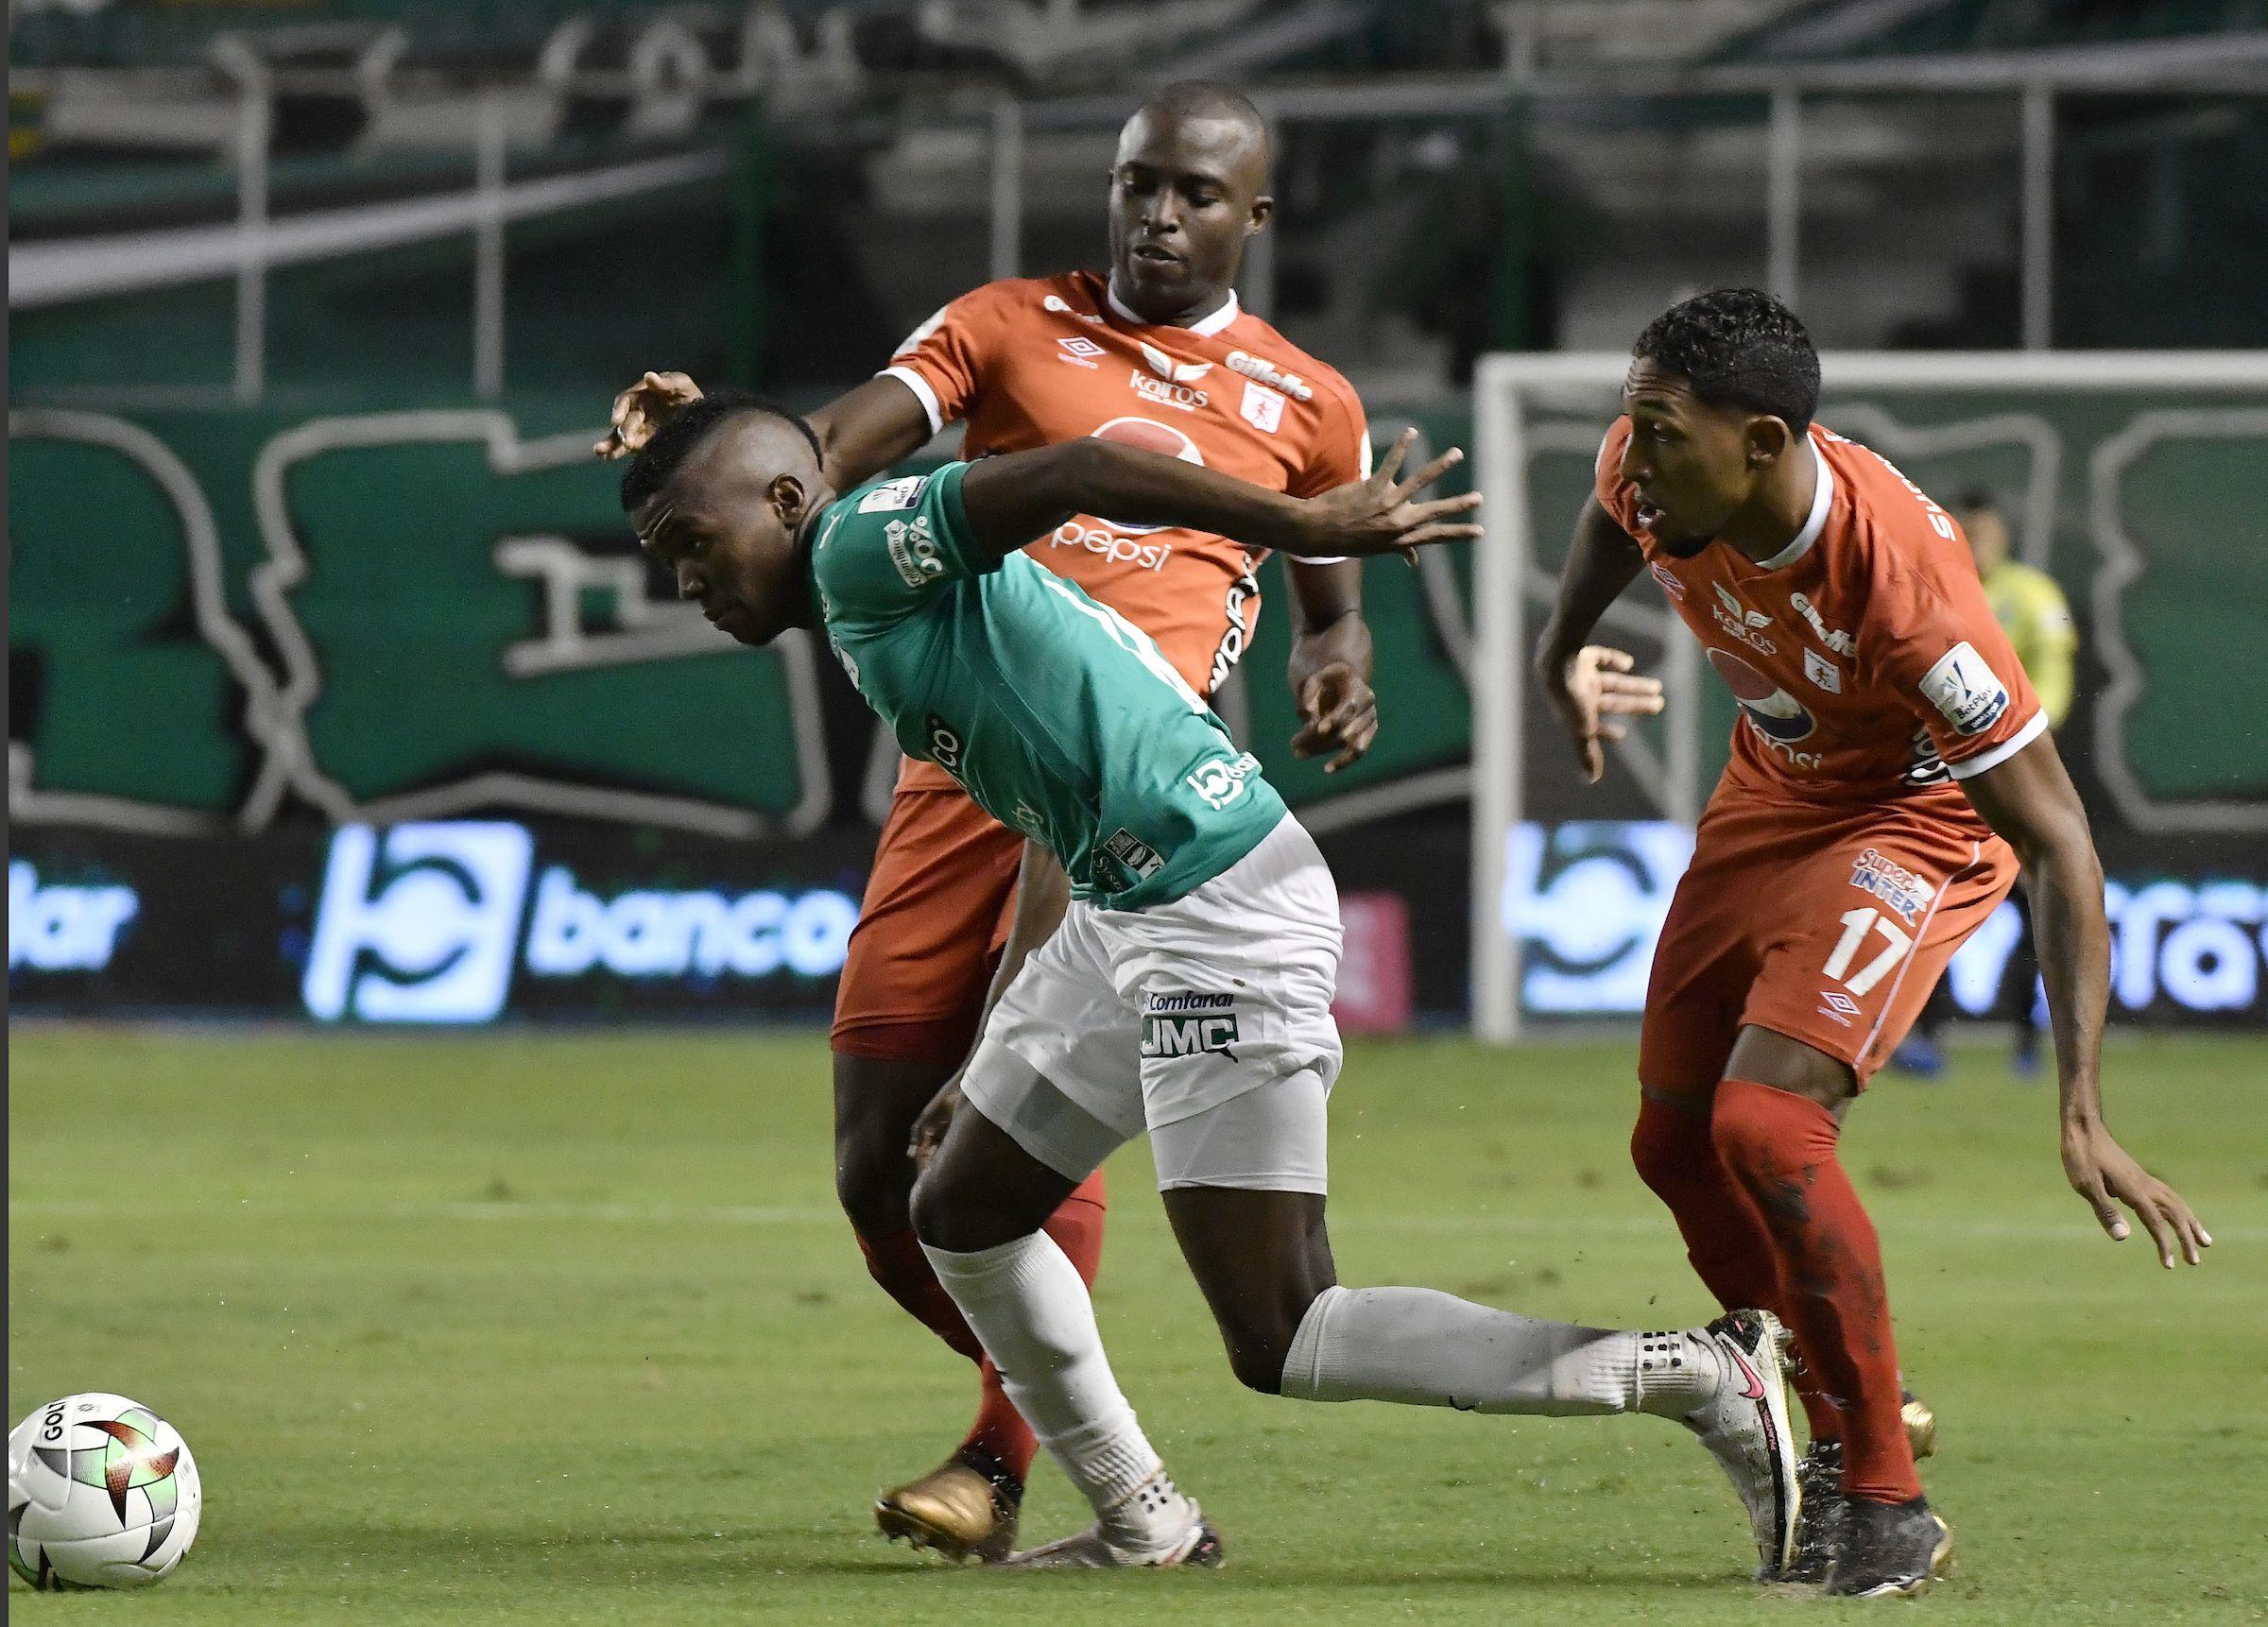 CALI. 11 de marzo de 2021. Deportivo Cali perdió 0-2 con América en el estadio de Palmaseca, en juego válido por la fecha 12 de la Liga BetPlay. (Cortesía Dimayor)